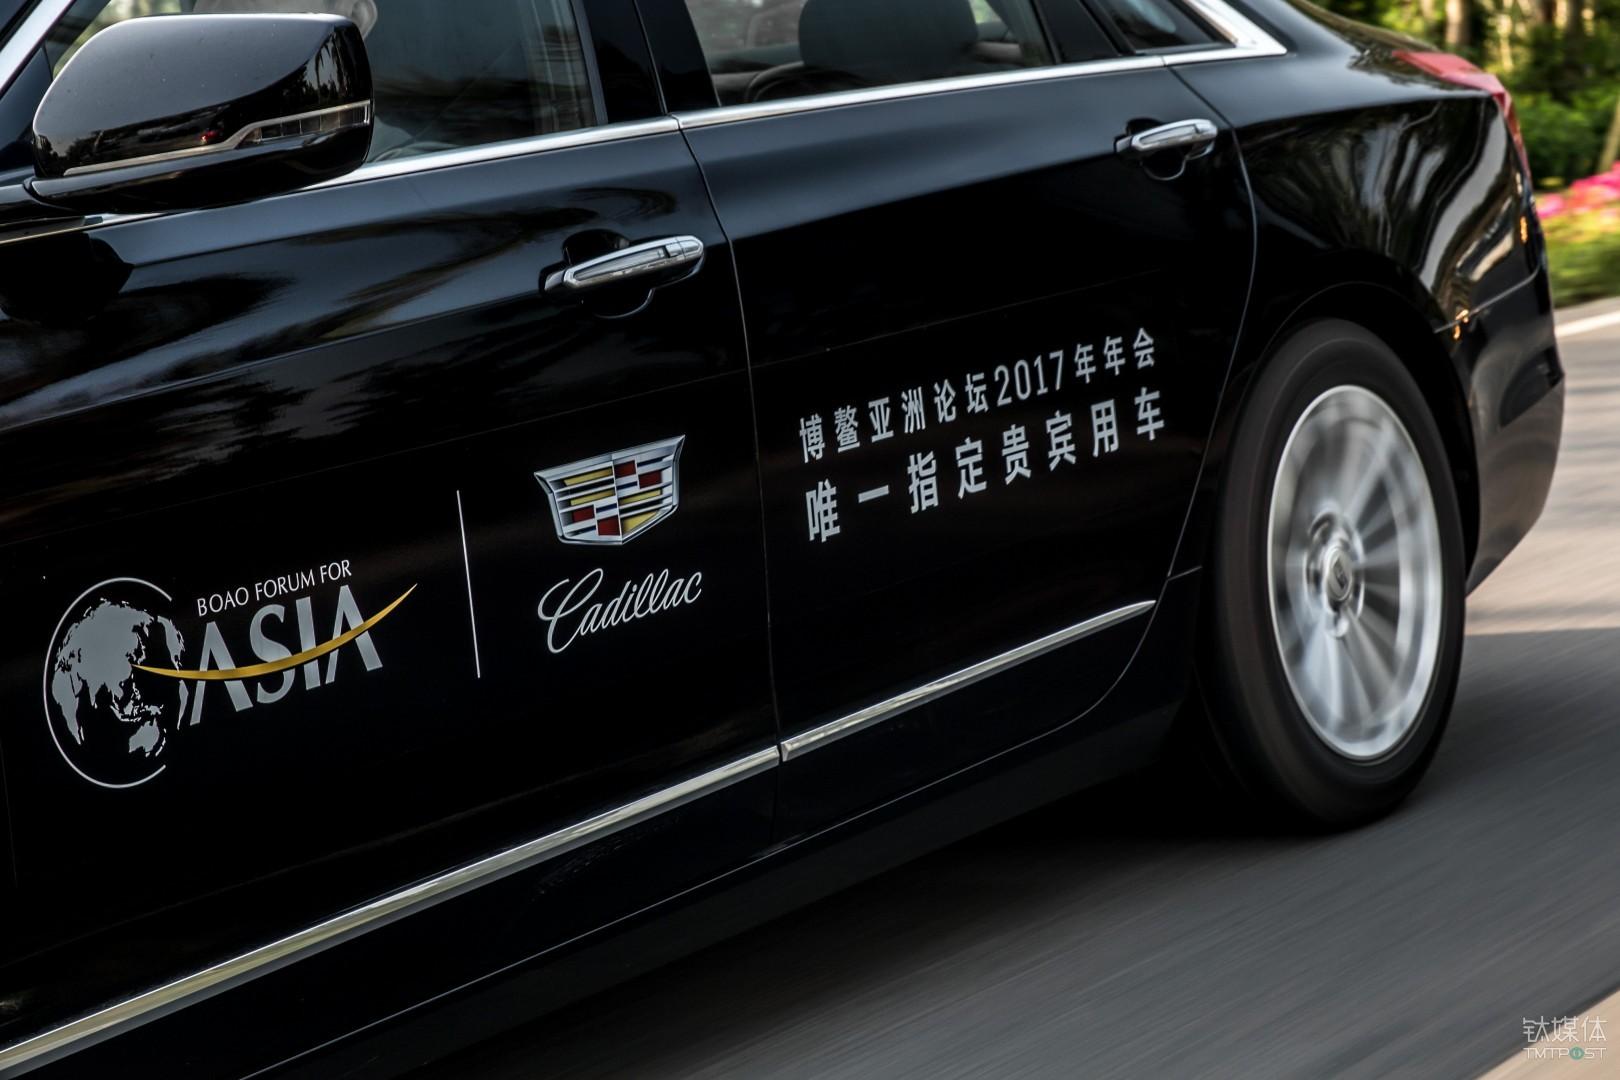 凯迪拉克 CT6是2017博鳌论坛的贵宾指定座驾